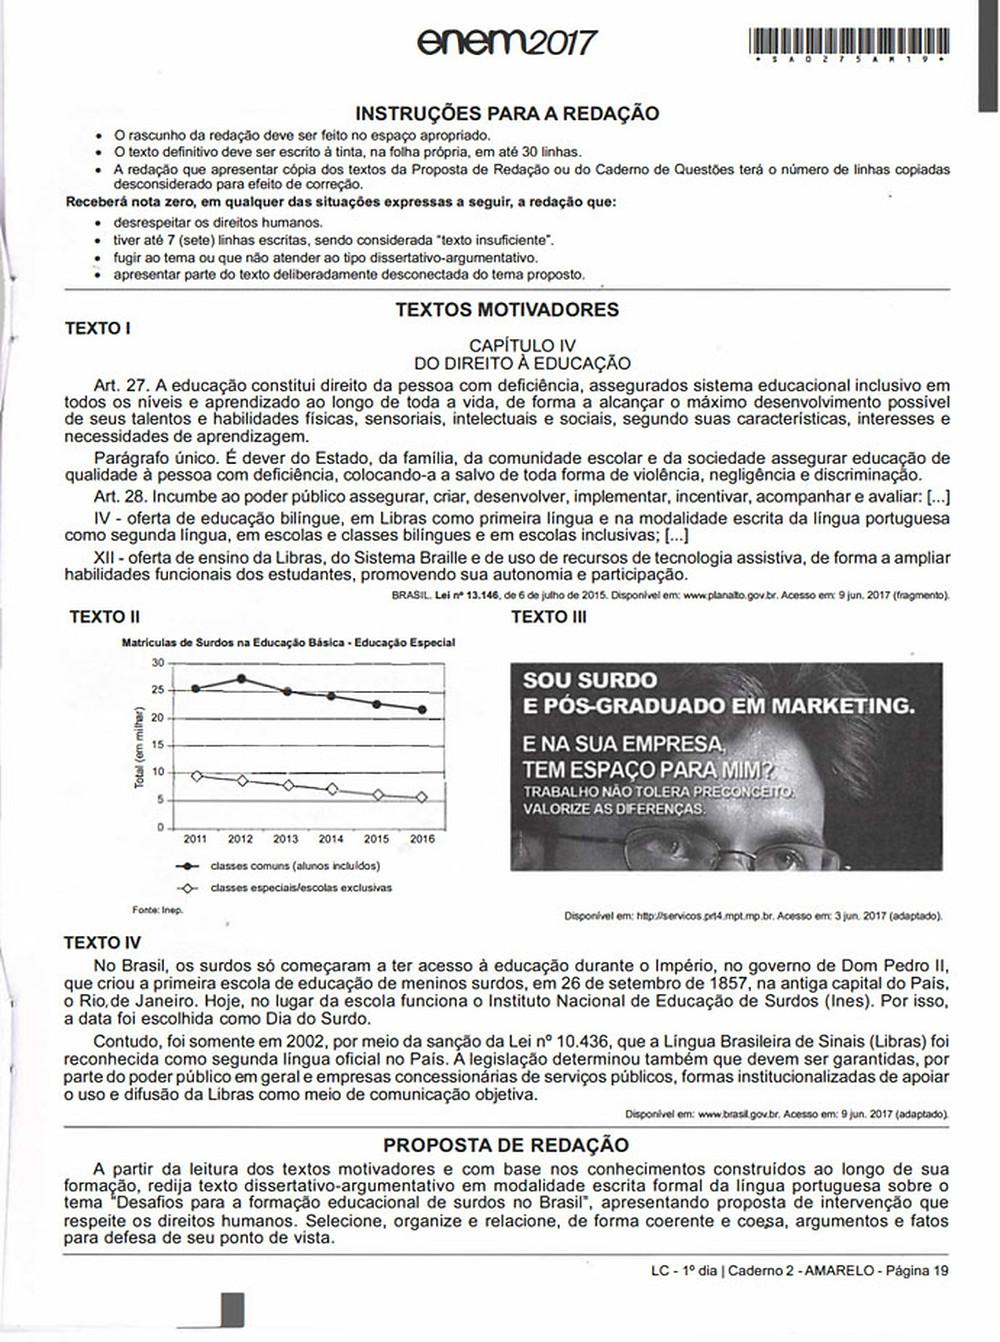 Proposta de redação do ENEM de 2017, reproduzida por inteira na melhor qualidade (HD)